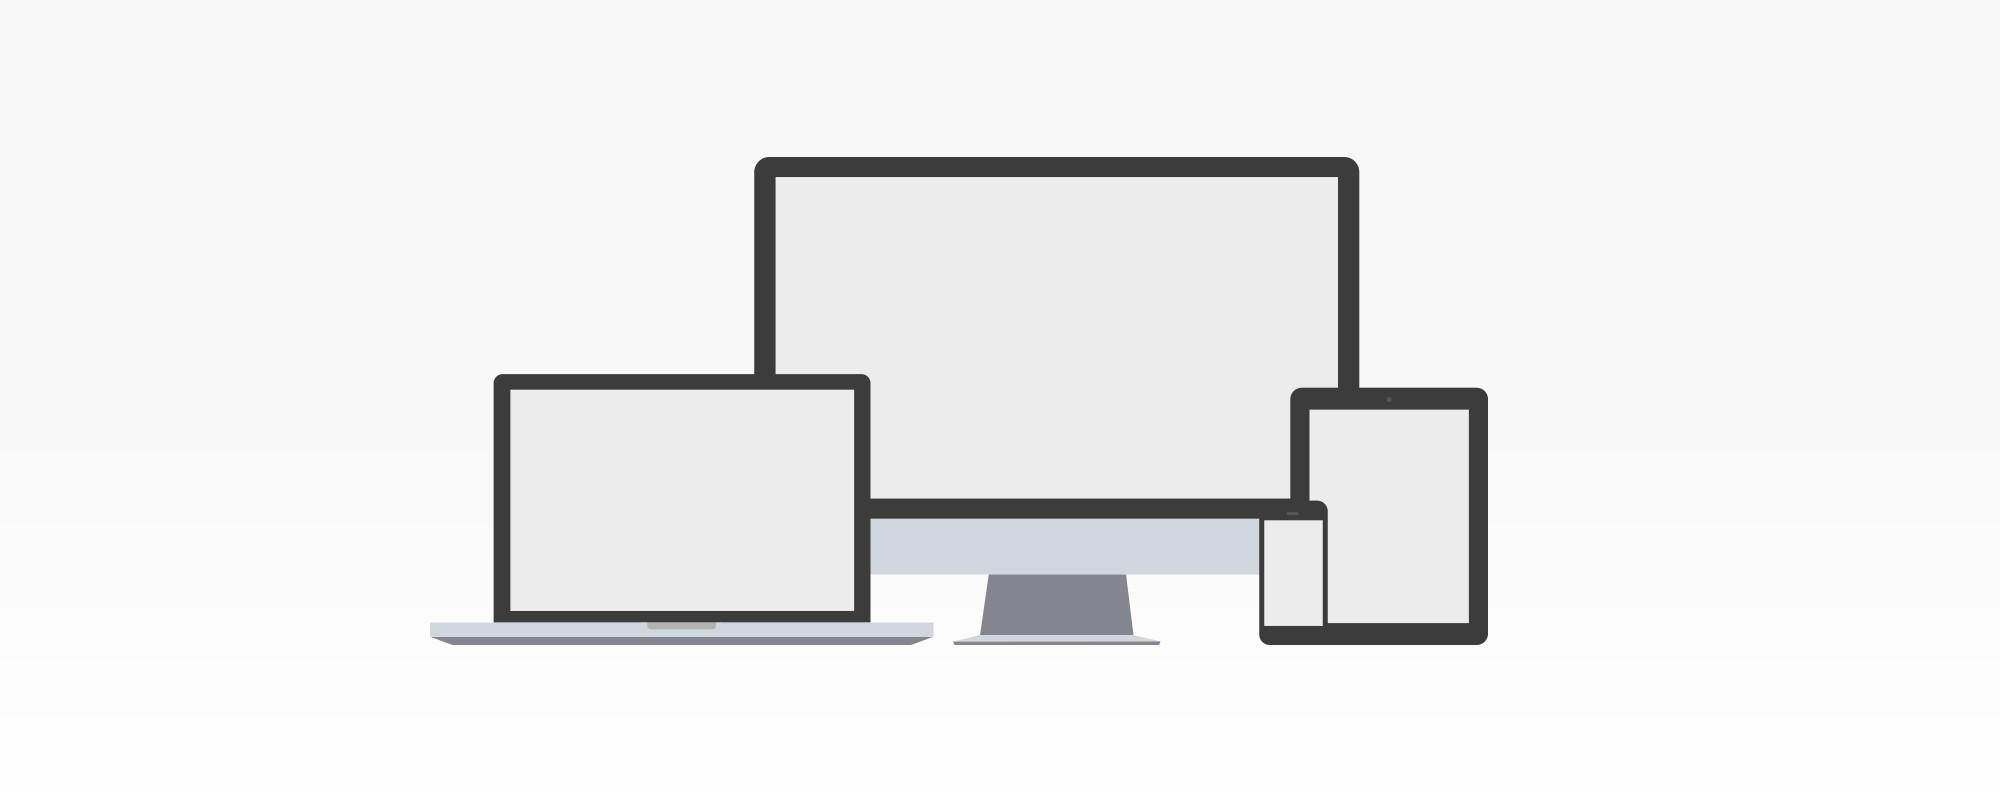 چرا طراحی ریسپانسیو باعث مرگ طراحی رابط کاربری میشود؟